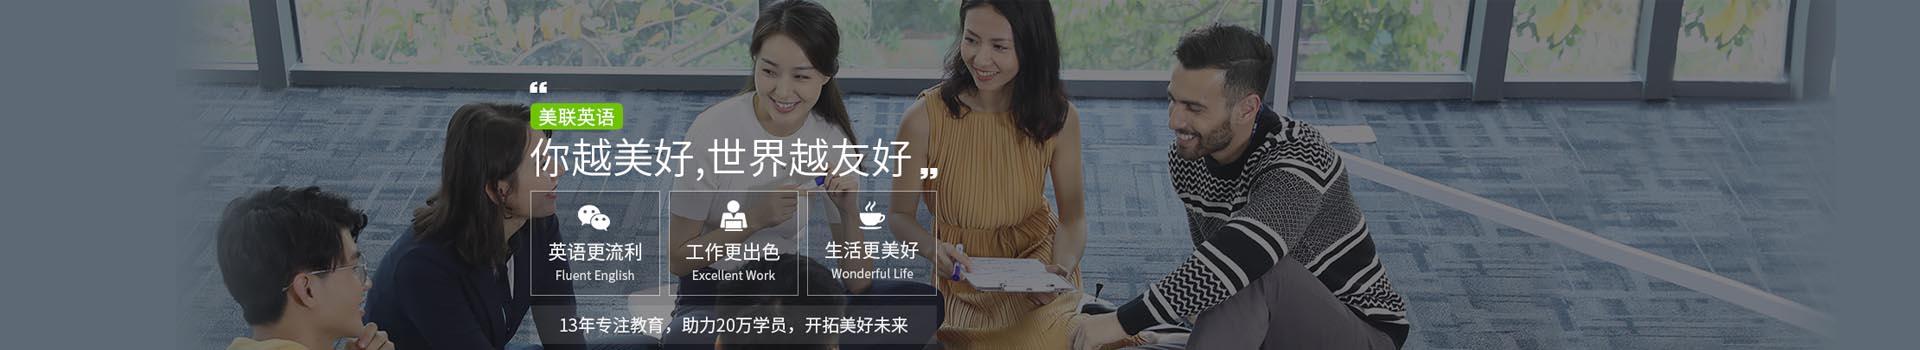 南京美联英语